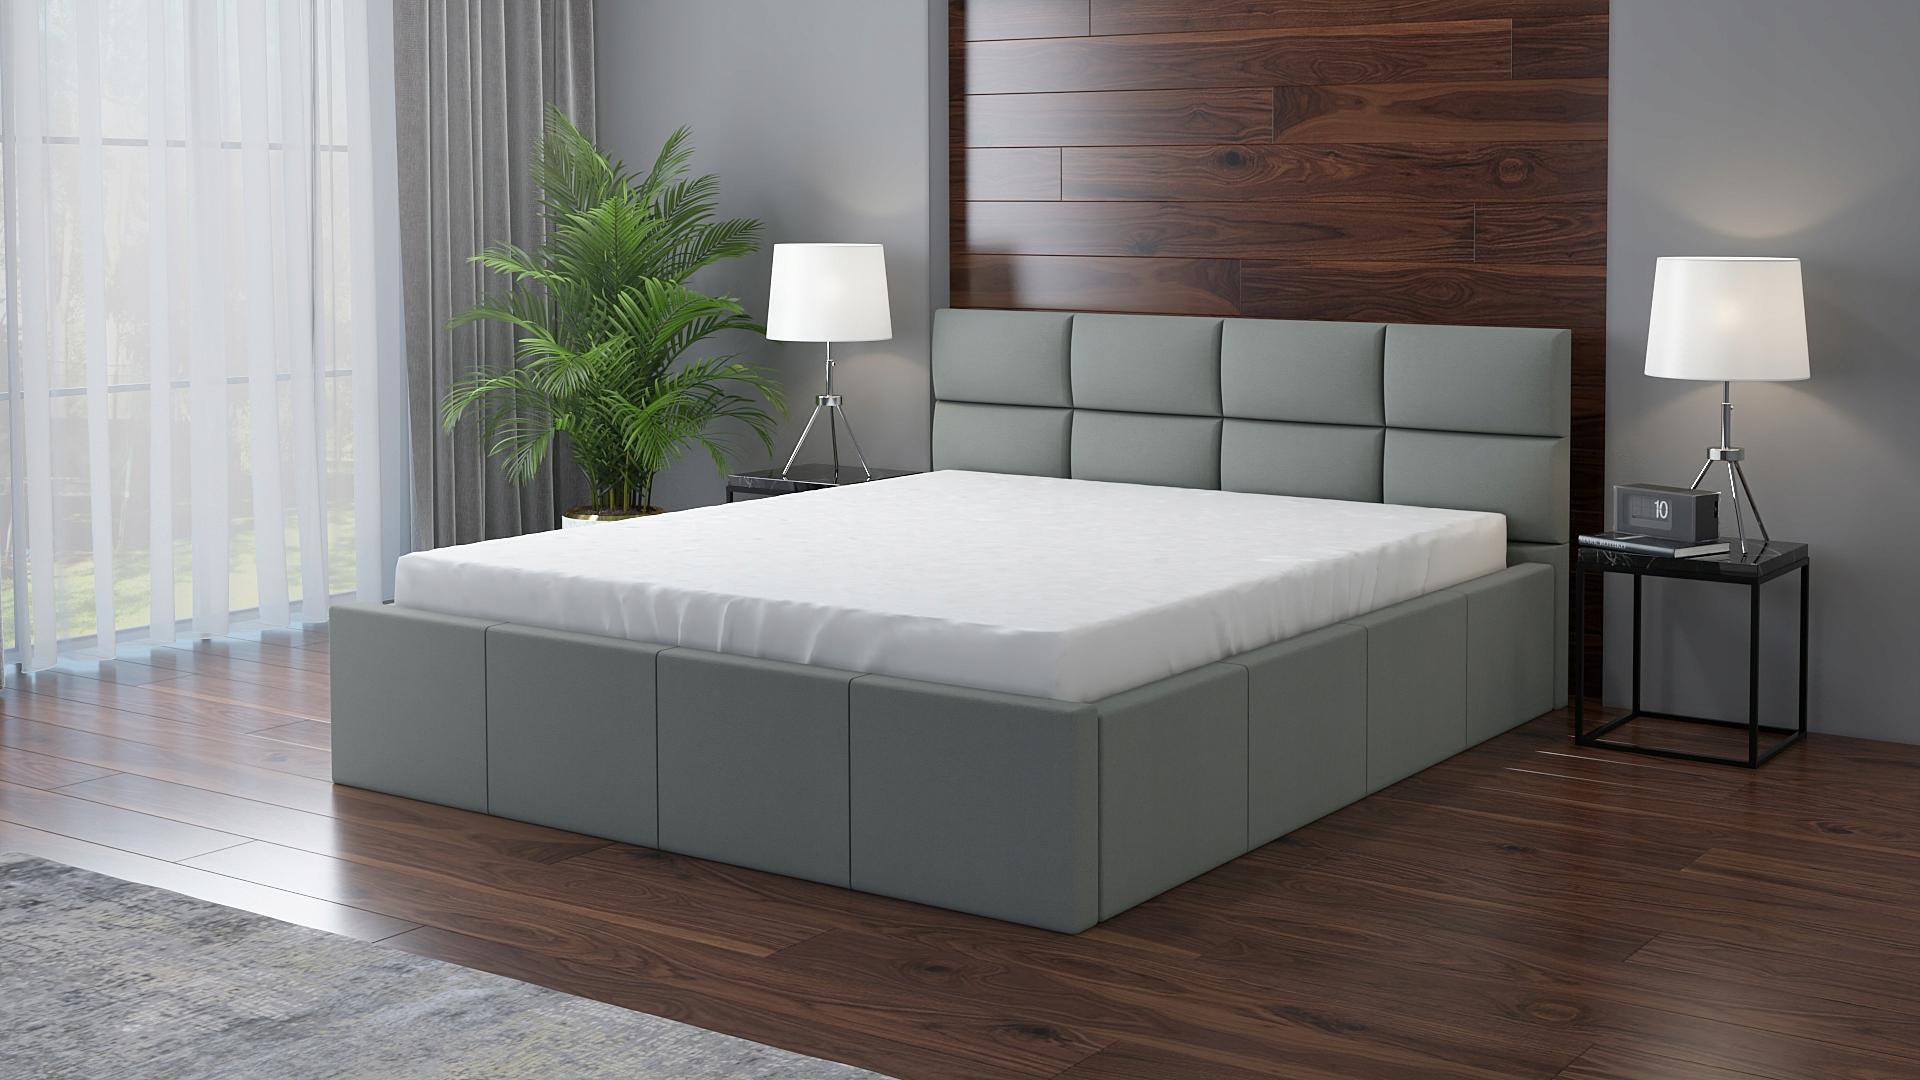 Каркас кровати RADO + матрас 140x200